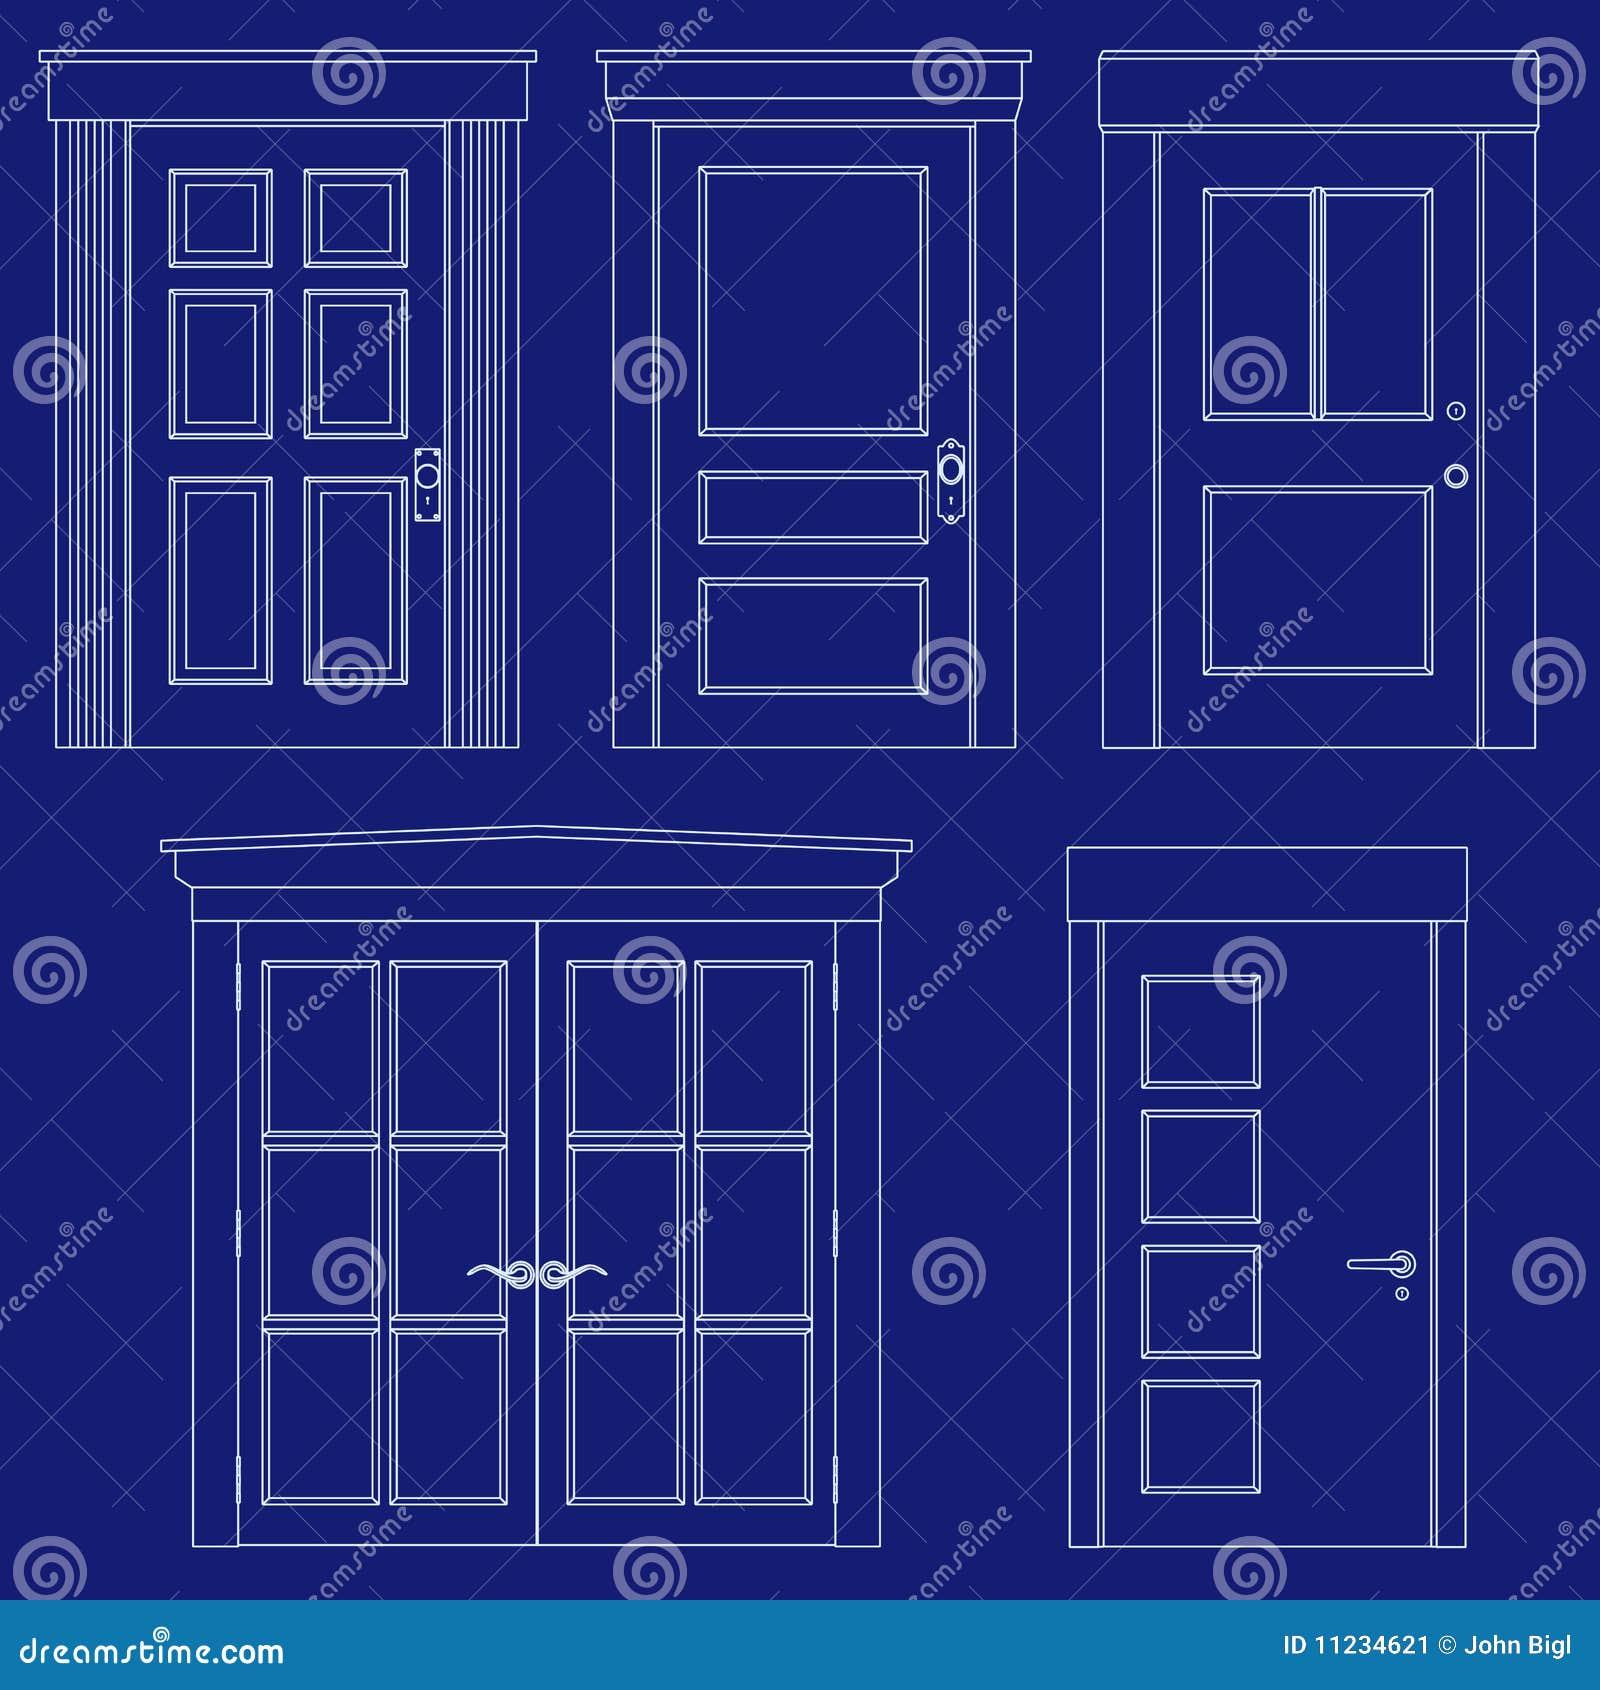 Blueprint Door Illustrations Stock Image Image 11234621